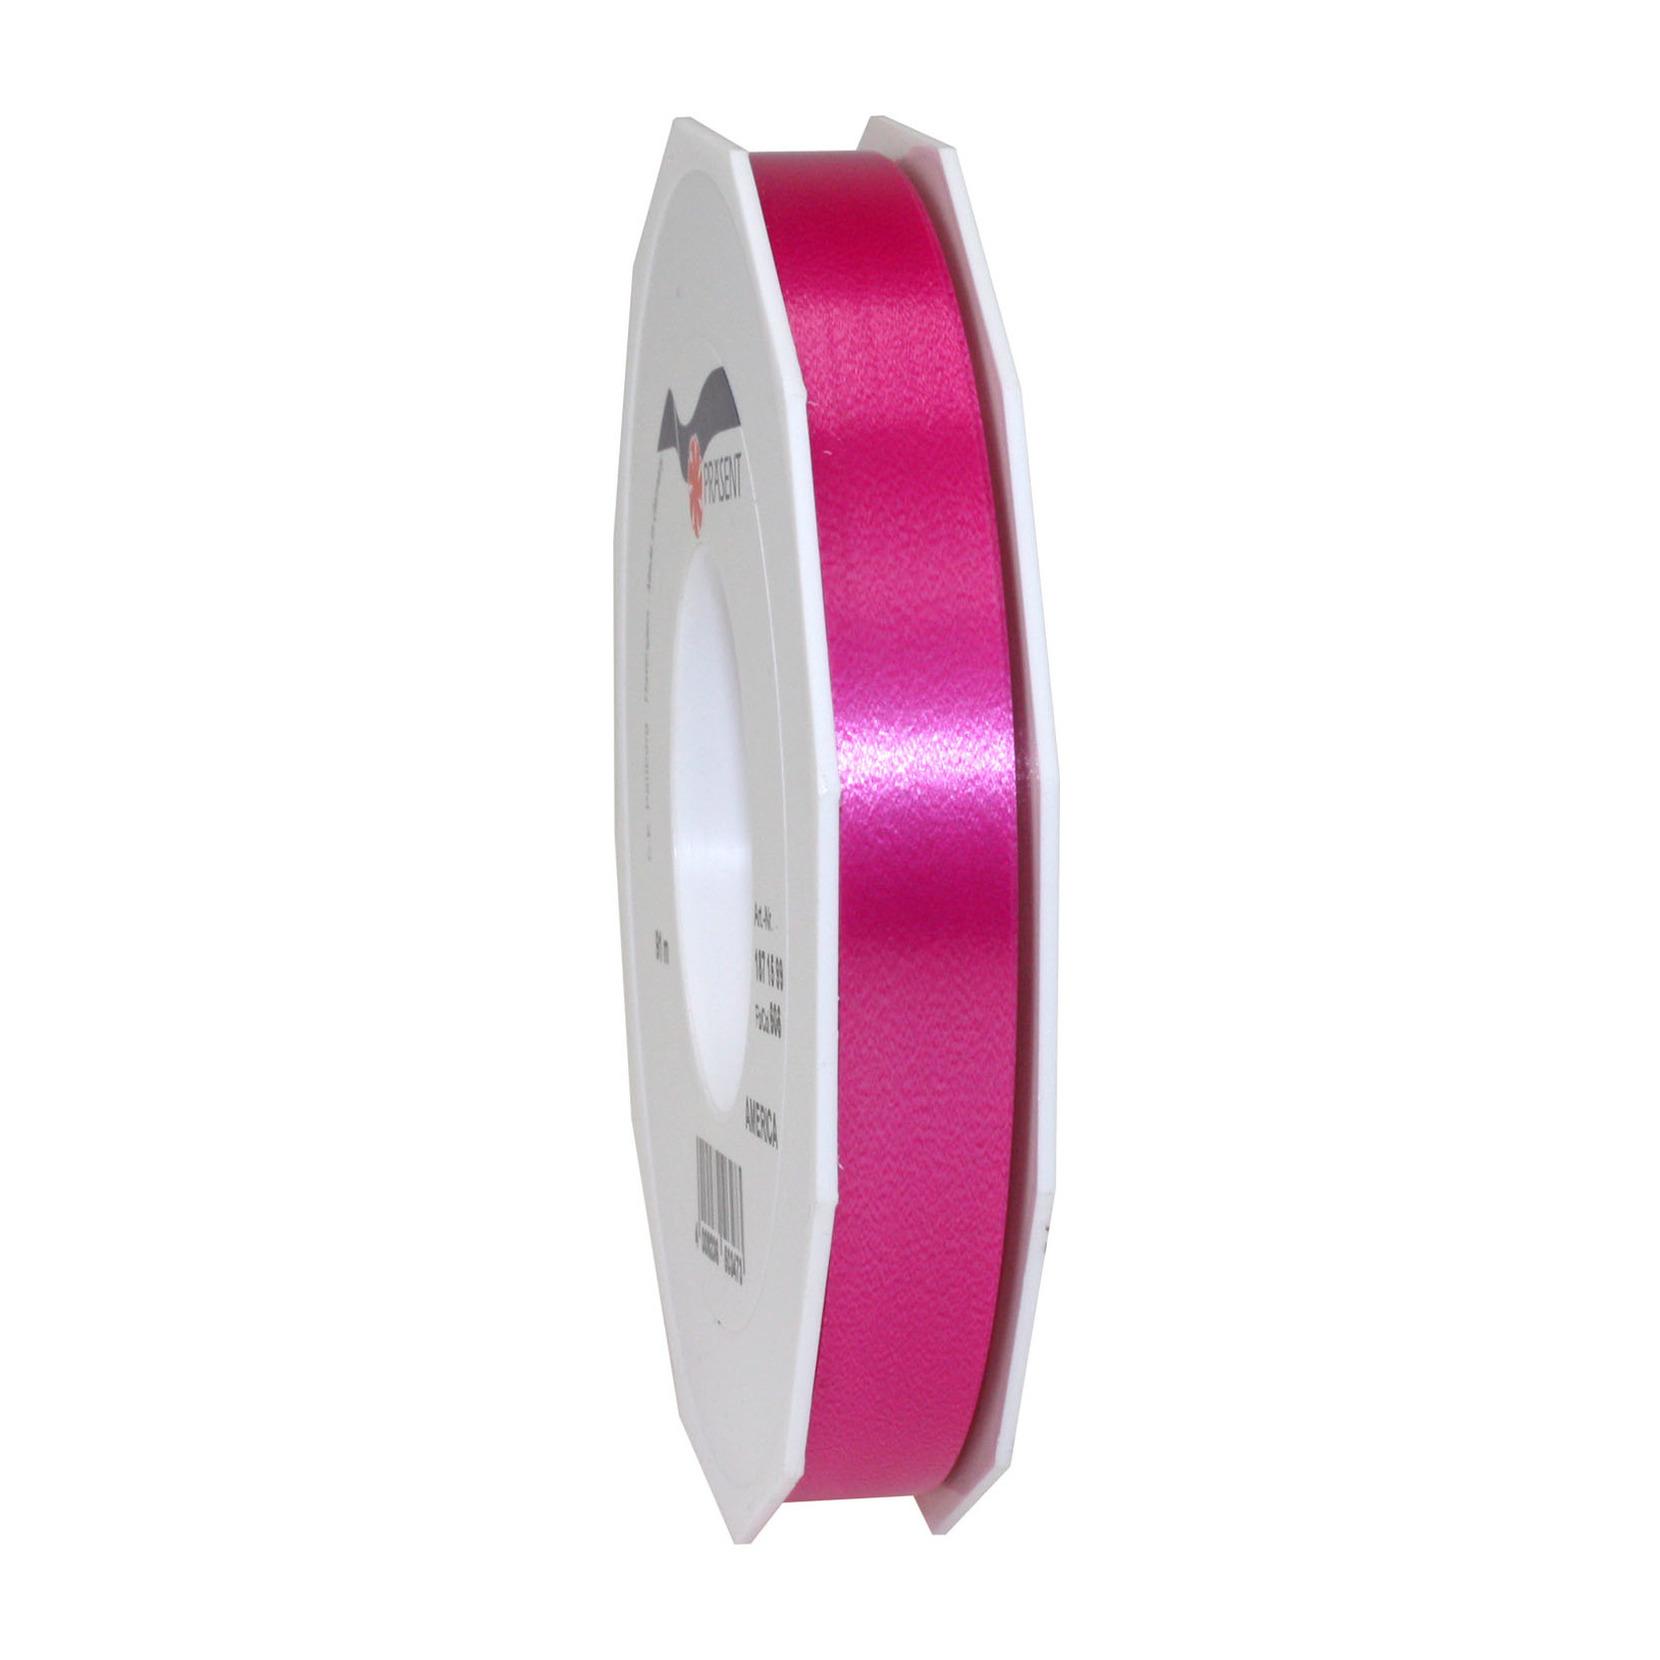 1x Luxe fuchsia roze satijnlint rollen 1,5 cm x 91 meter cadeaulint verpakkingsmateriaal